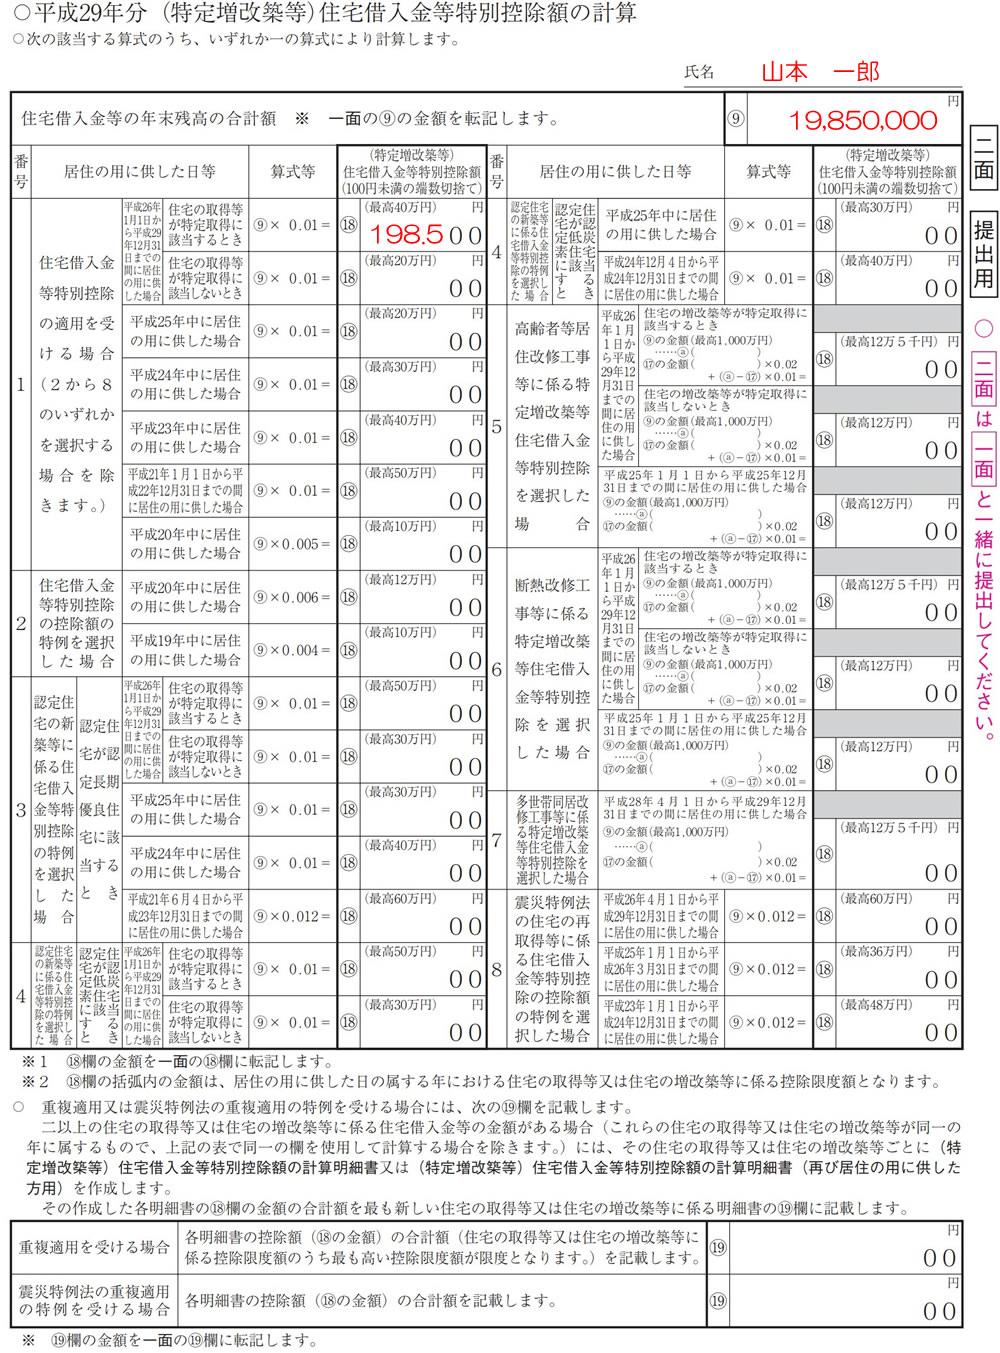 H30年分_住宅借入金計算書図02